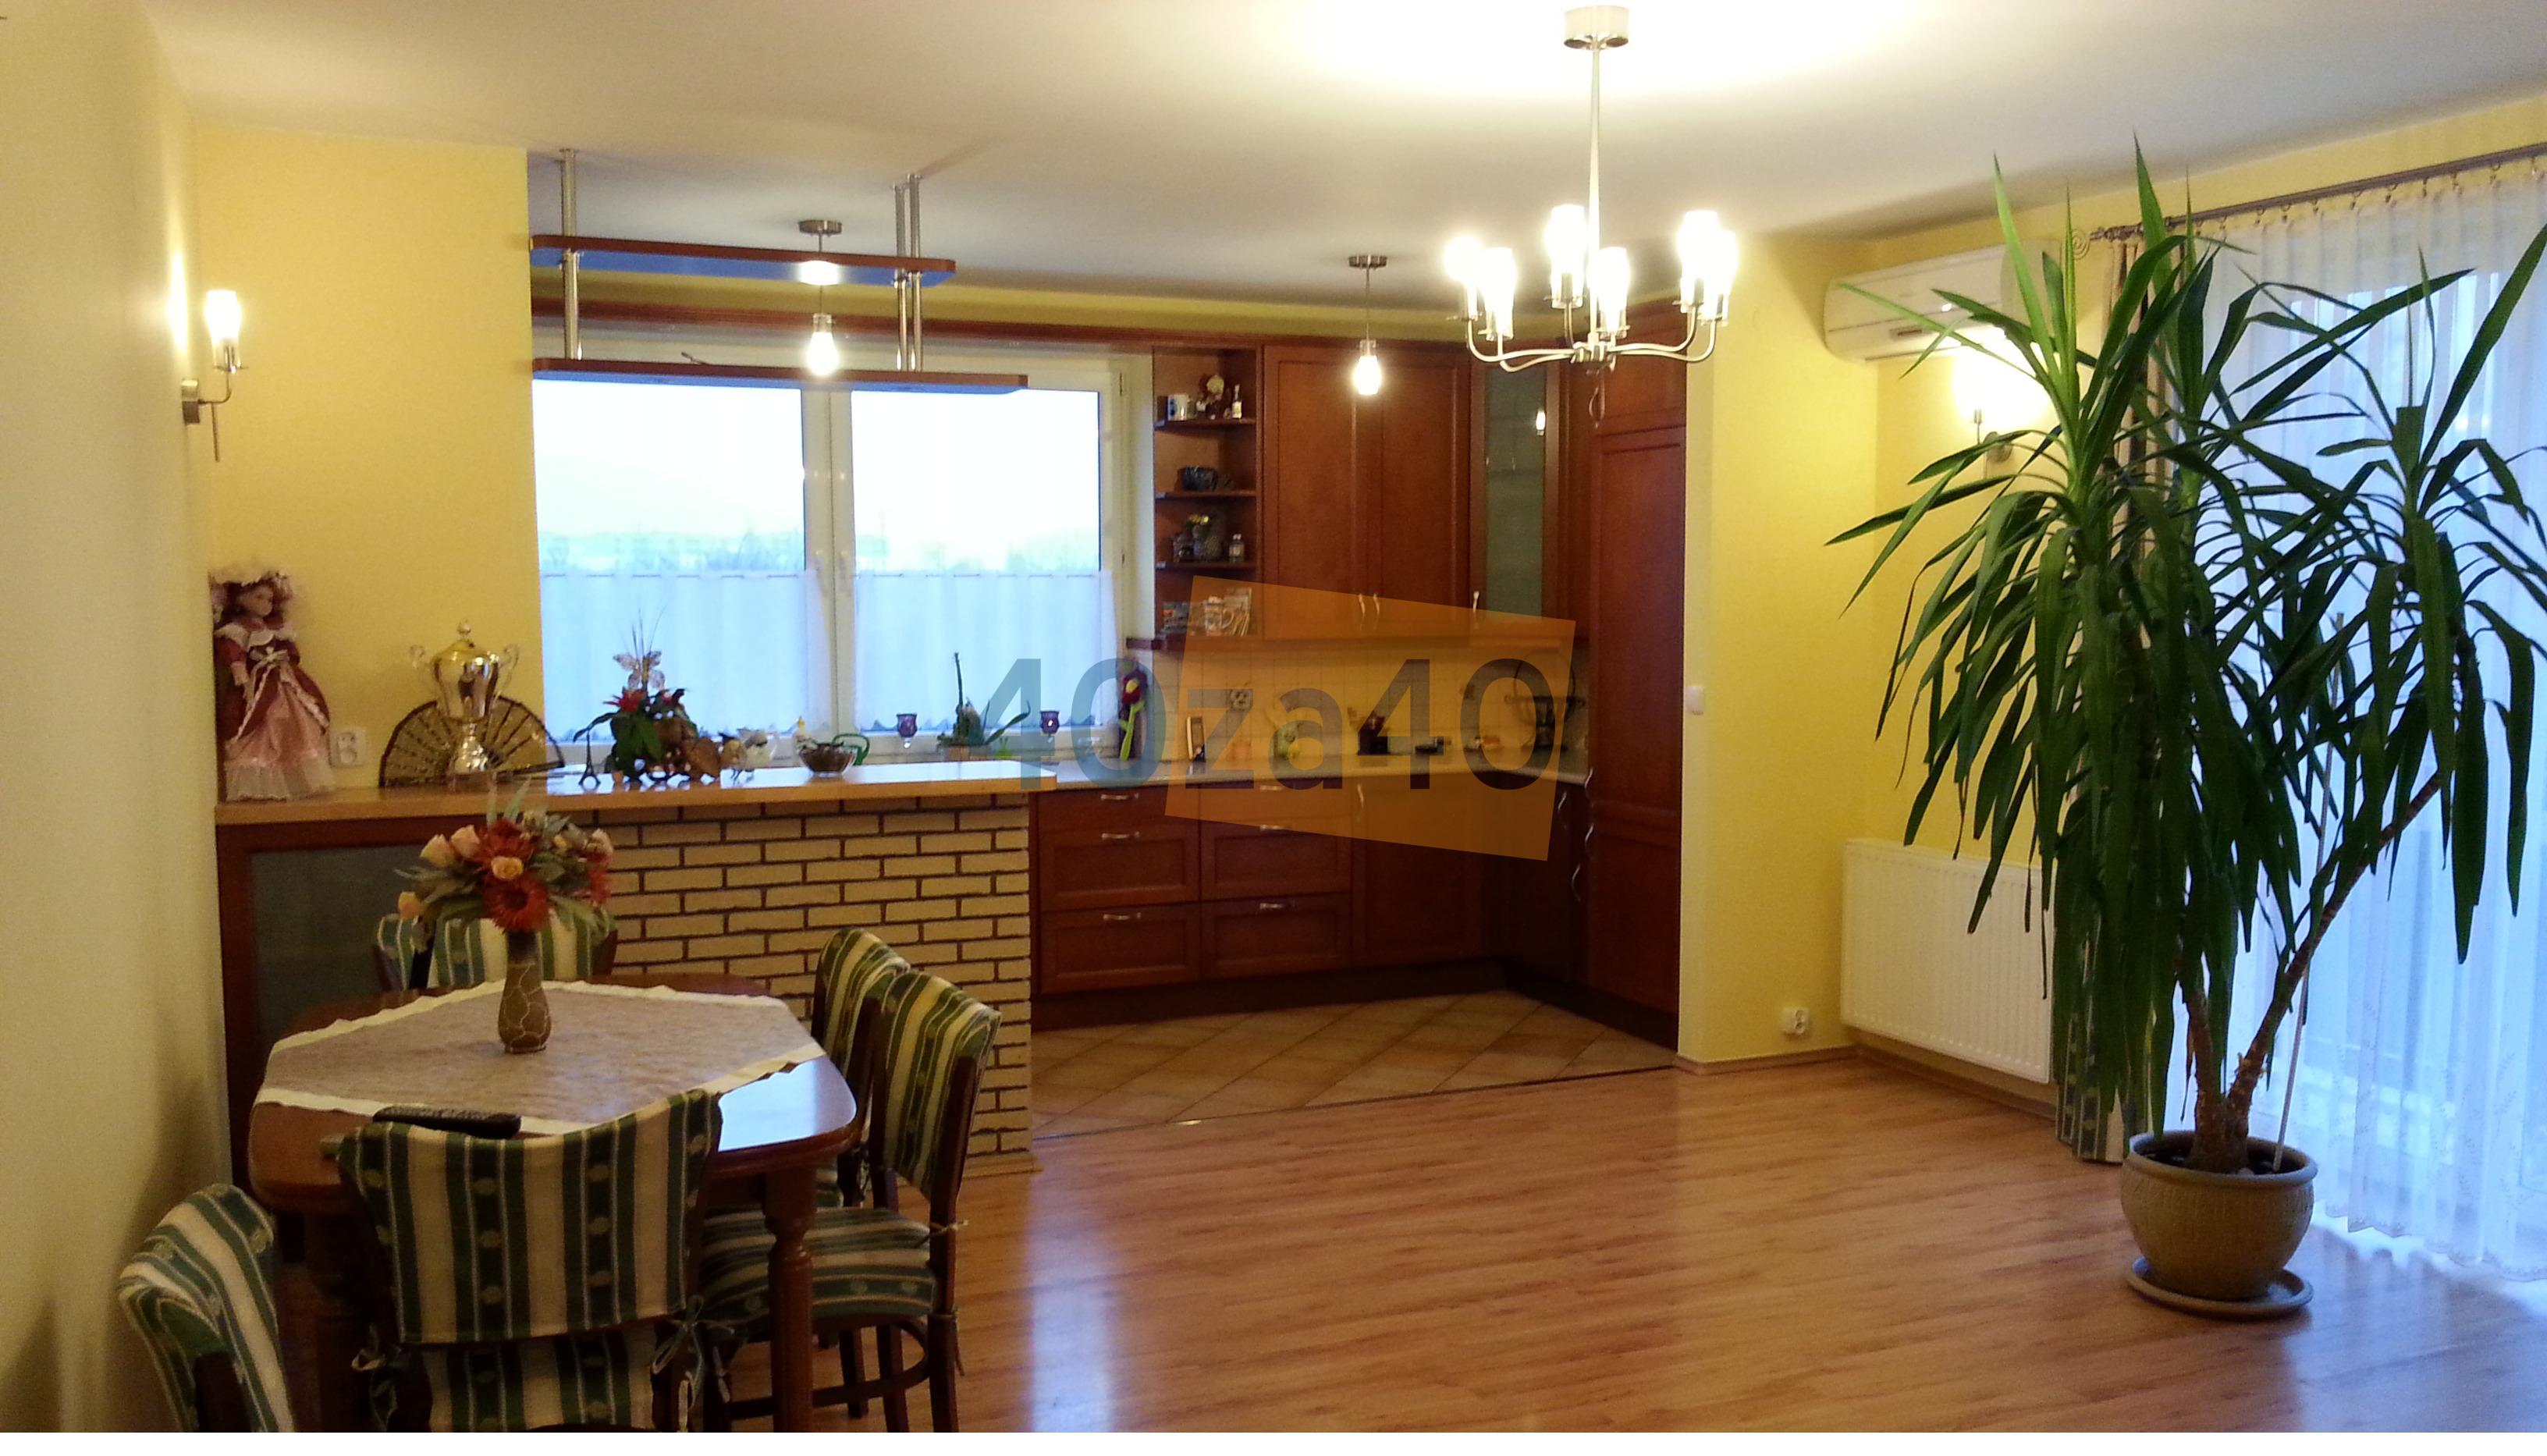 Mieszkanie do wynajęcia65 m2